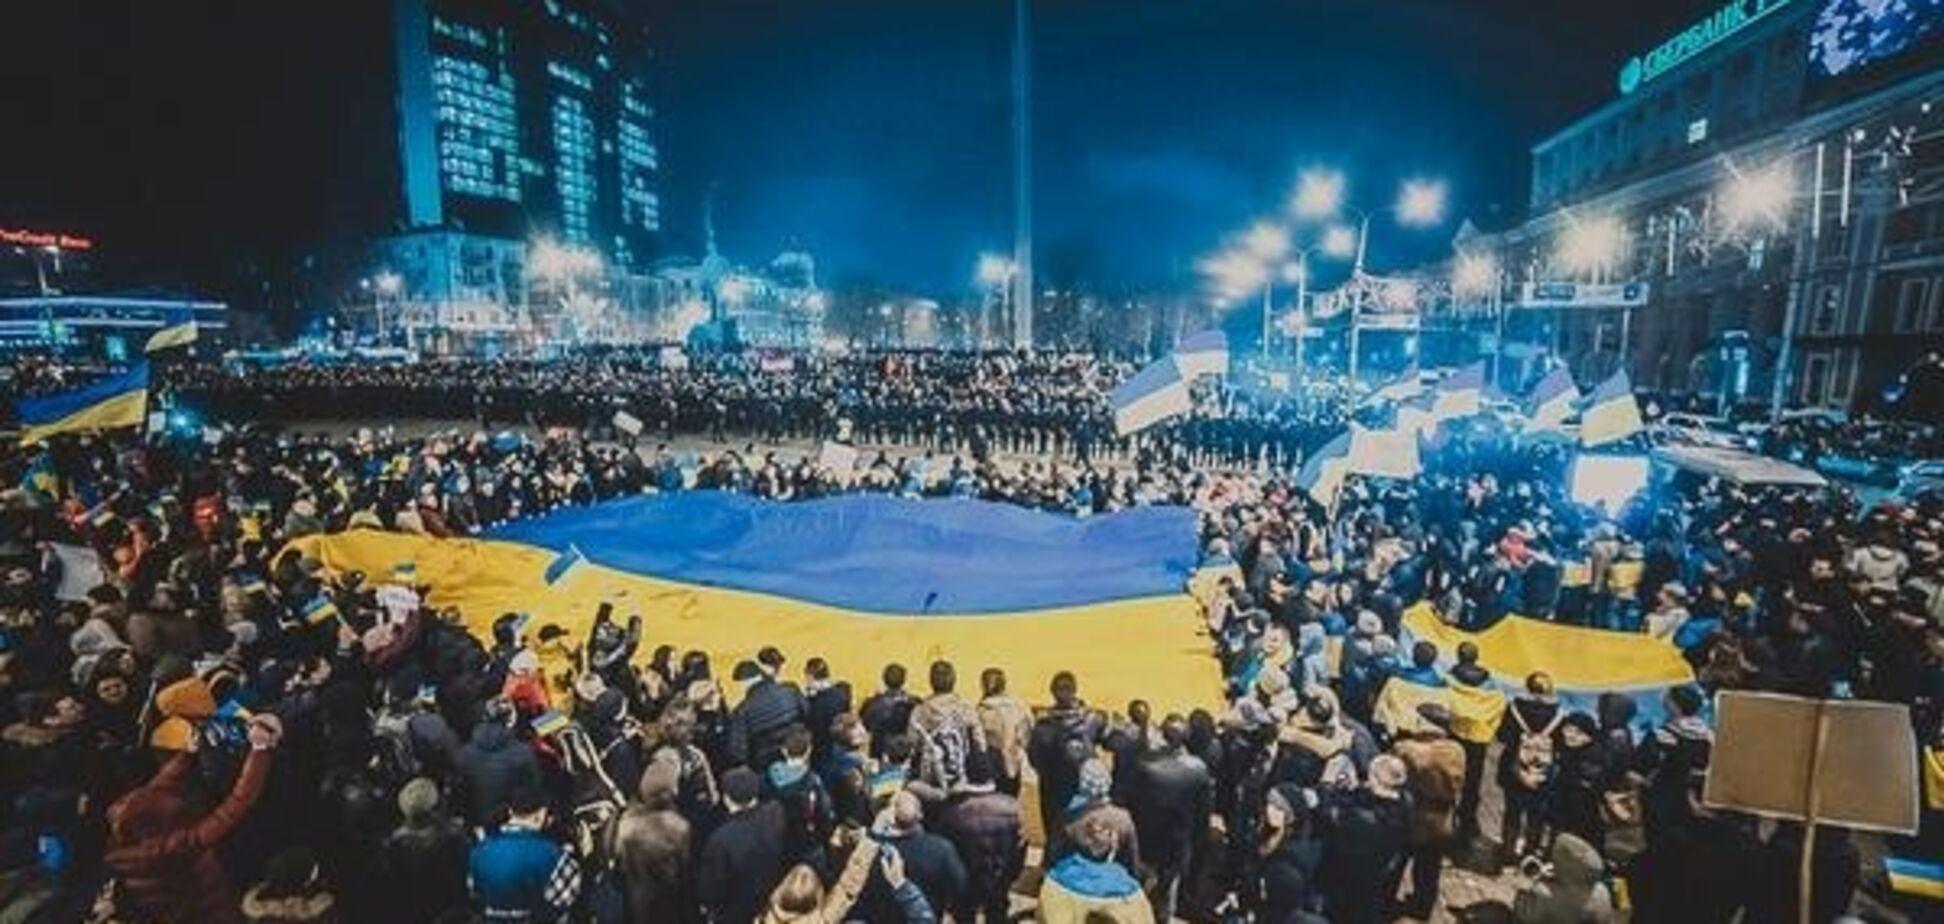 'Из города вытекала кровь': дончанка поделилась пронзительной историей о флаге Украины